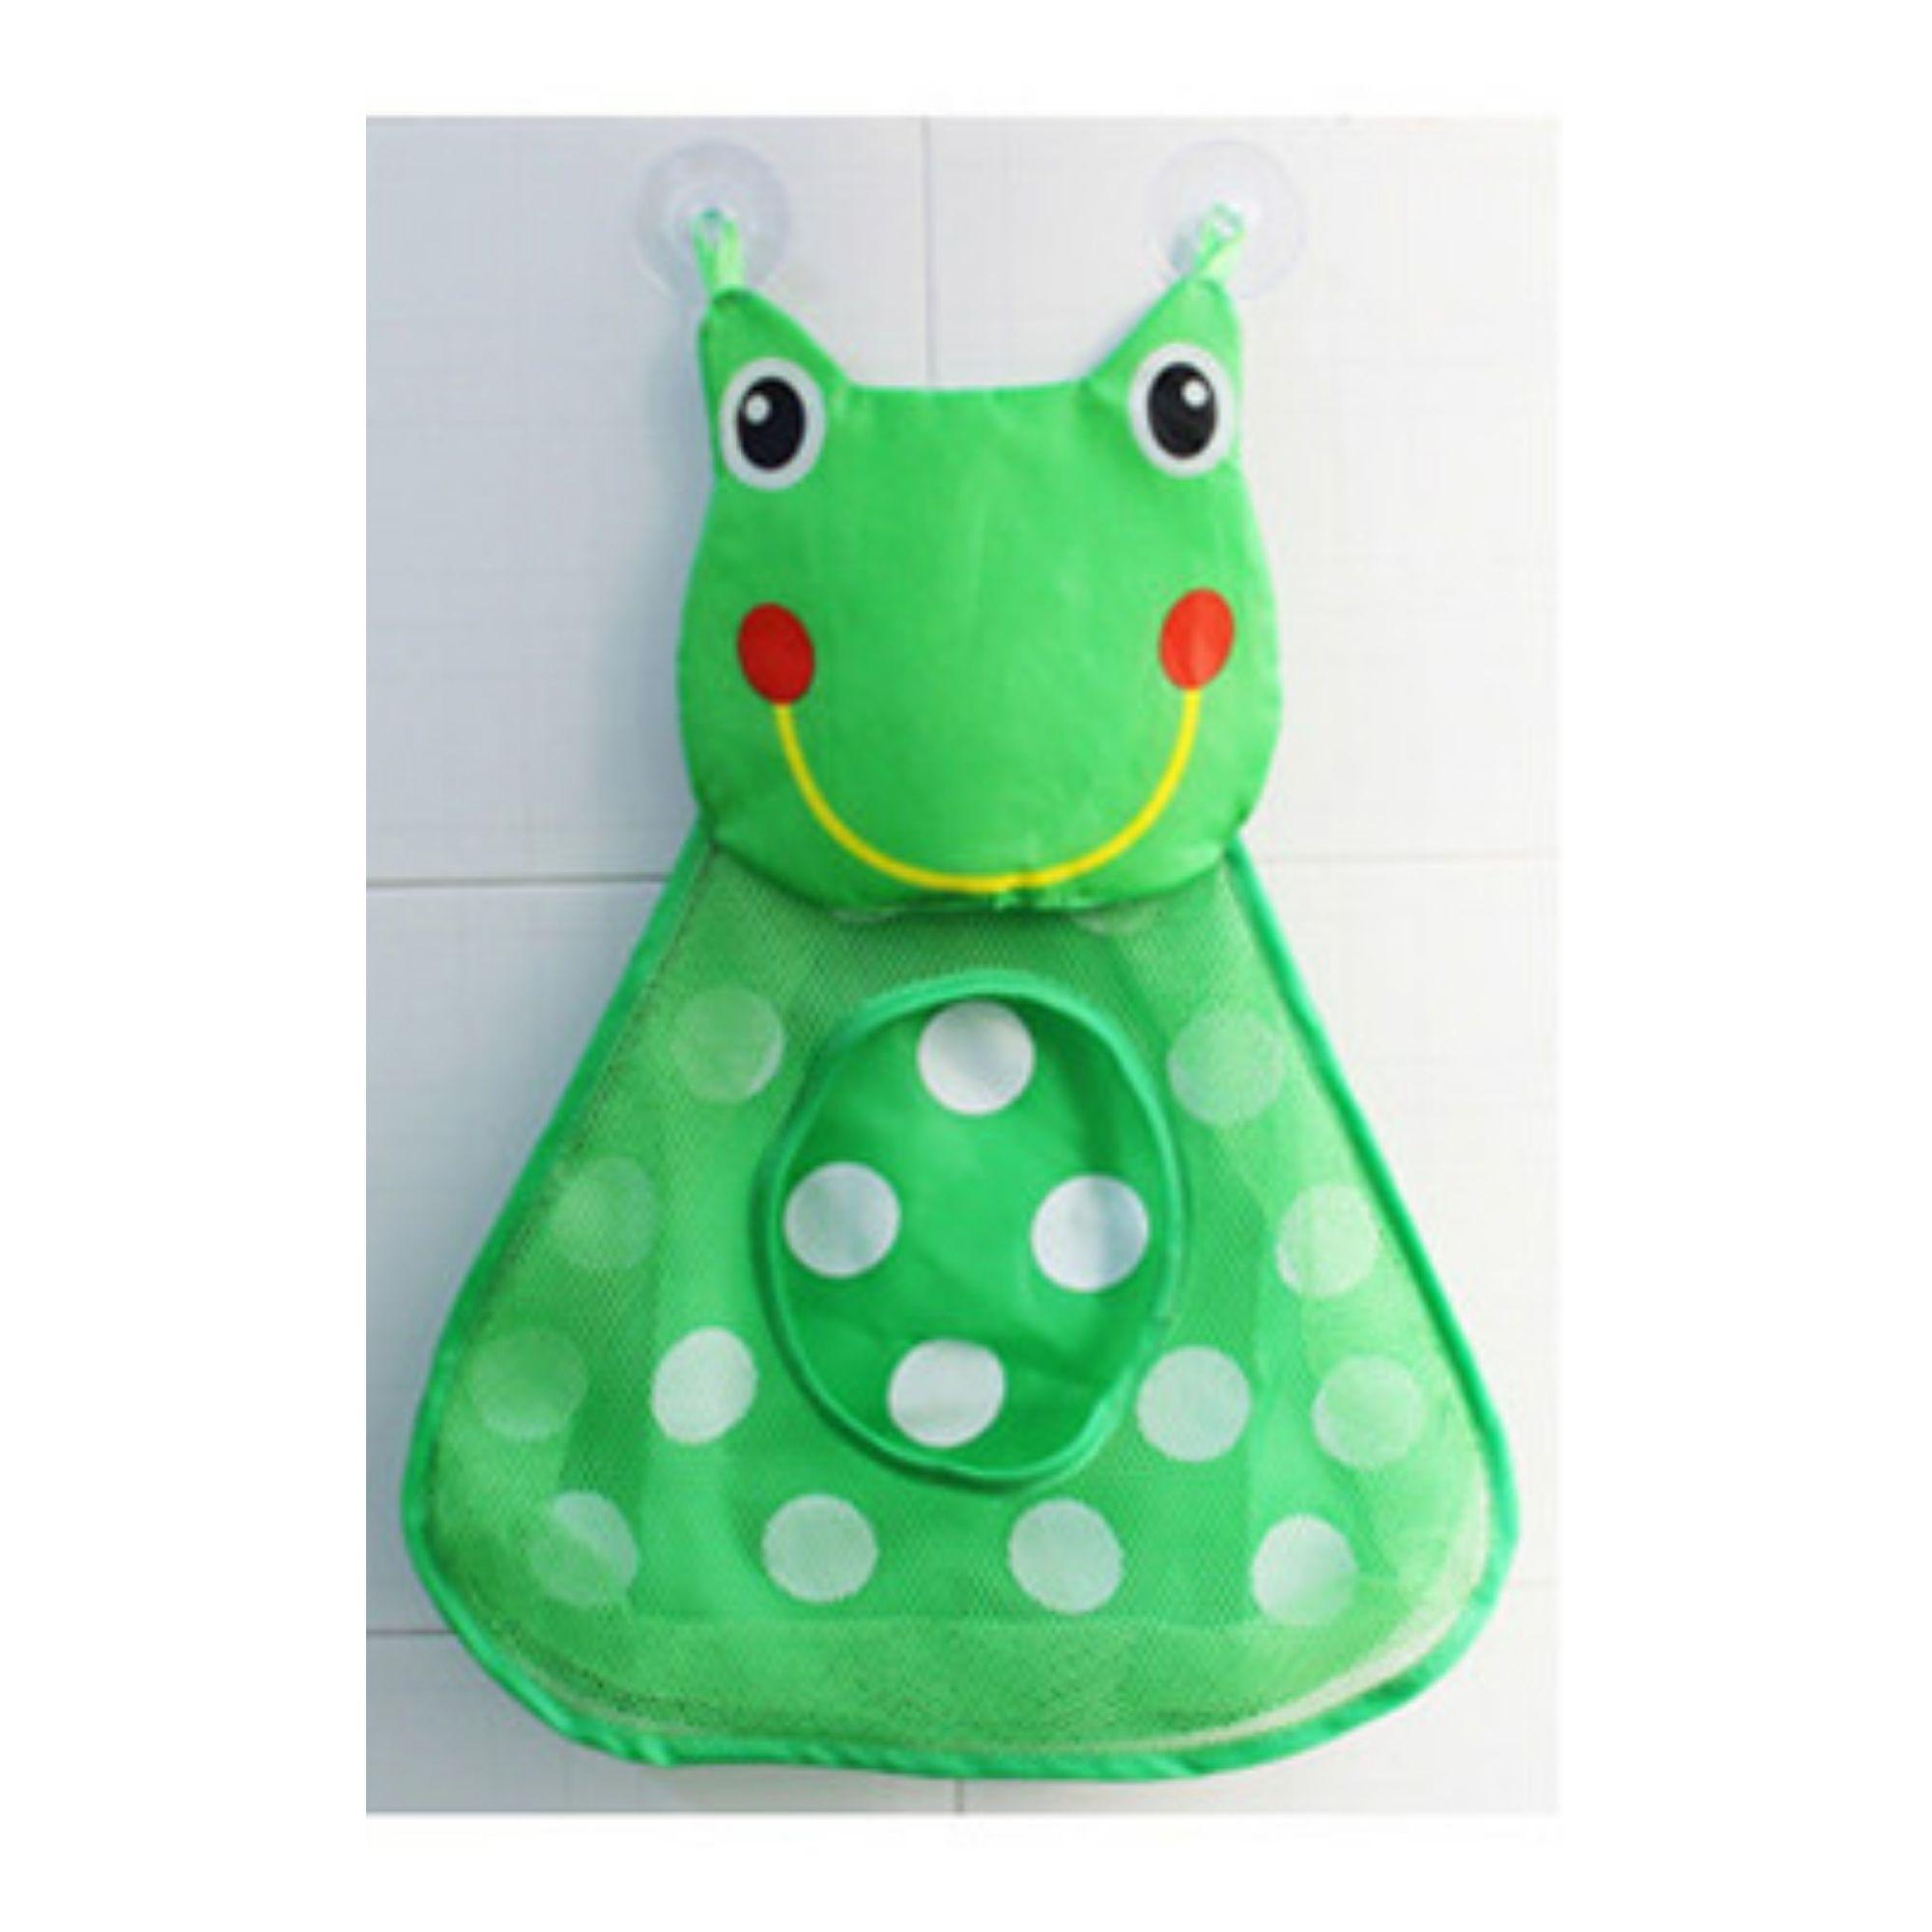 Porta Brinquedos de Banho Sapinho Colorido  - Game Land Brinquedos